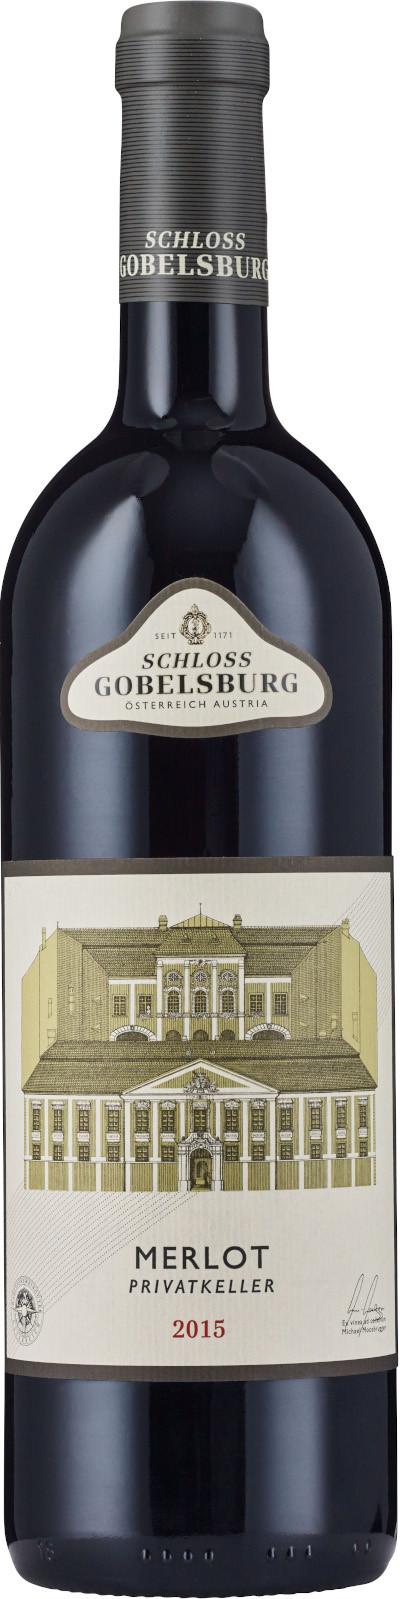 Schloss Gobelsburg - Merlot Privatkeller